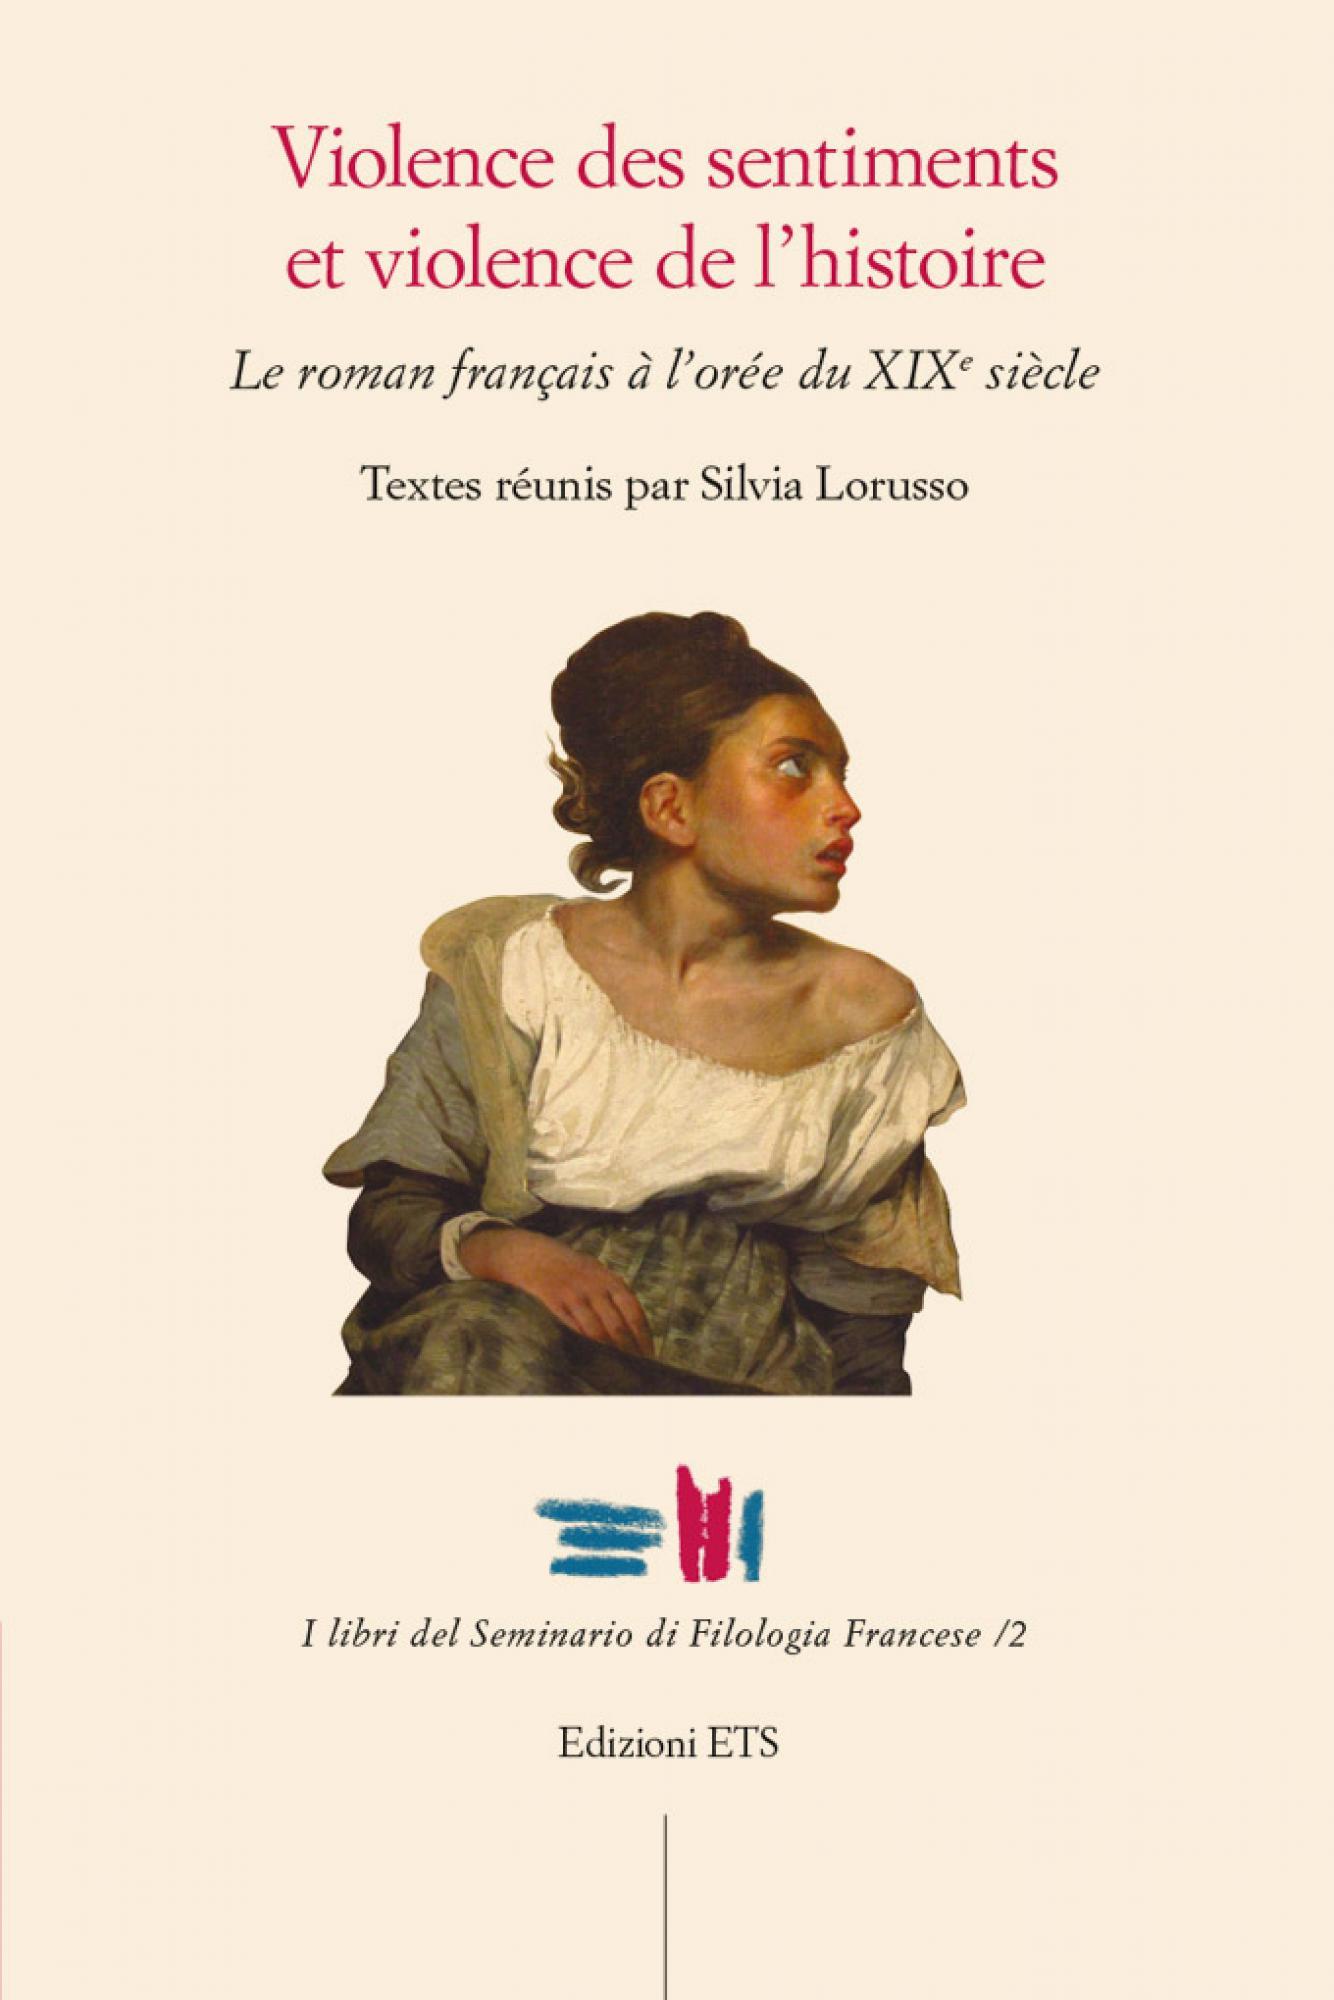 Violence des sentiments et violence de l'histoire.Le roman français à l'orée du XIXe siècle